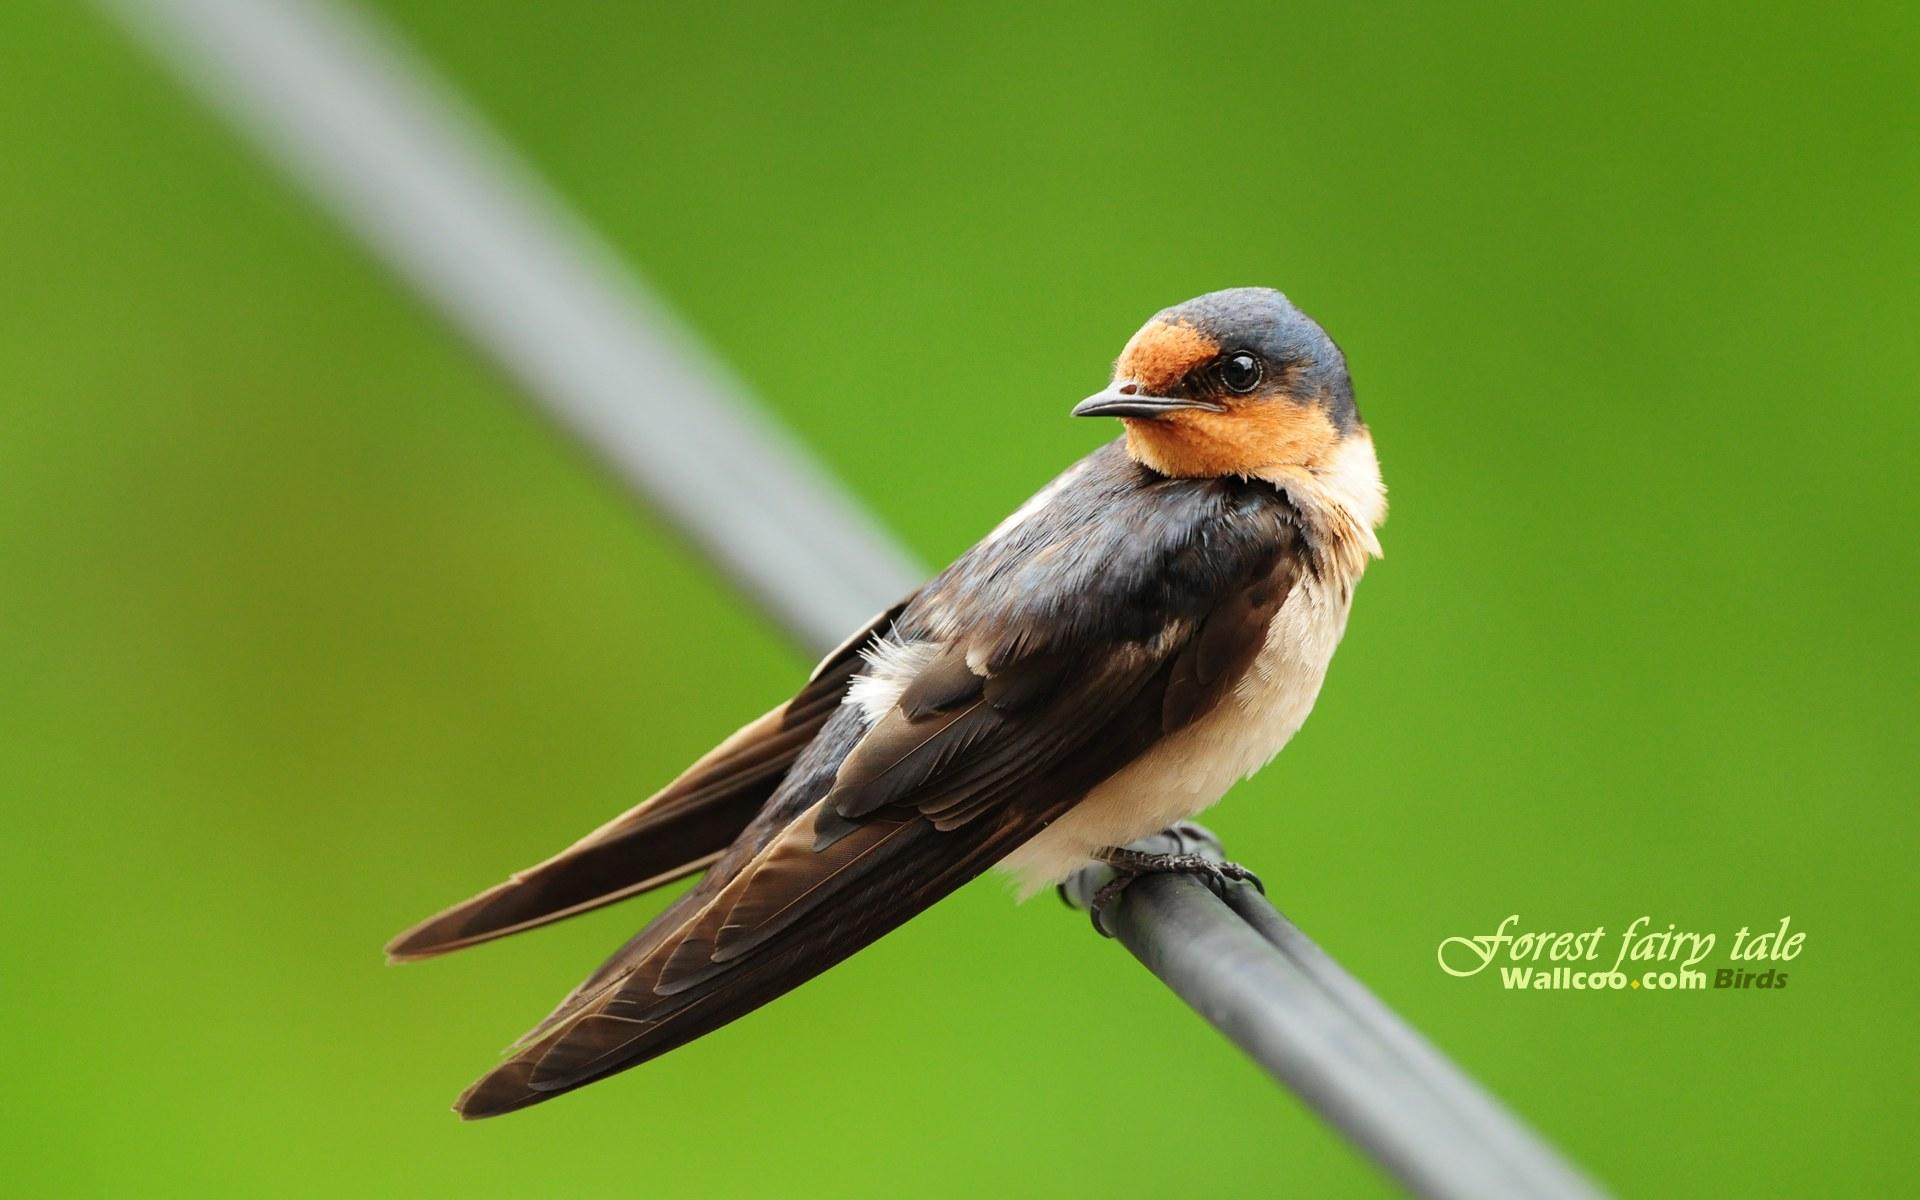 壁纸/树林里的小精灵春天可爱小鸟壁纸家燕燕子春天小燕子图片壁纸